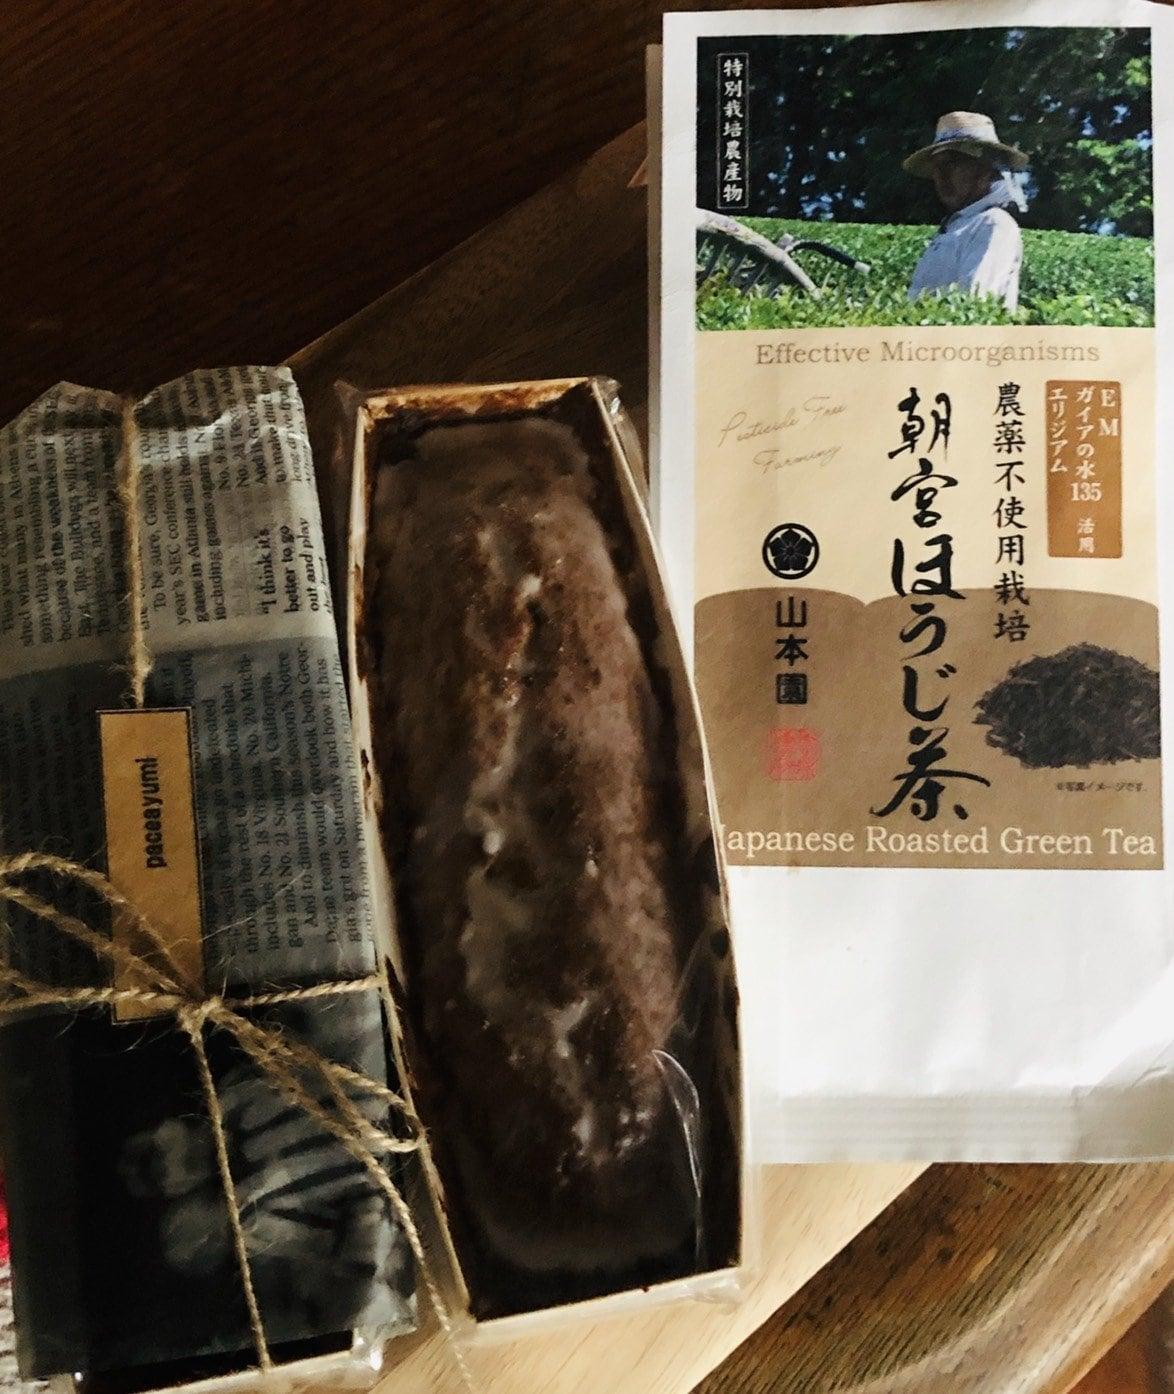 (現地払い)基本発酵調味料教室ほうじ茶シフォンとみりん粕と米粉のパウンドケーキ 2月17日(水)のイメージその2